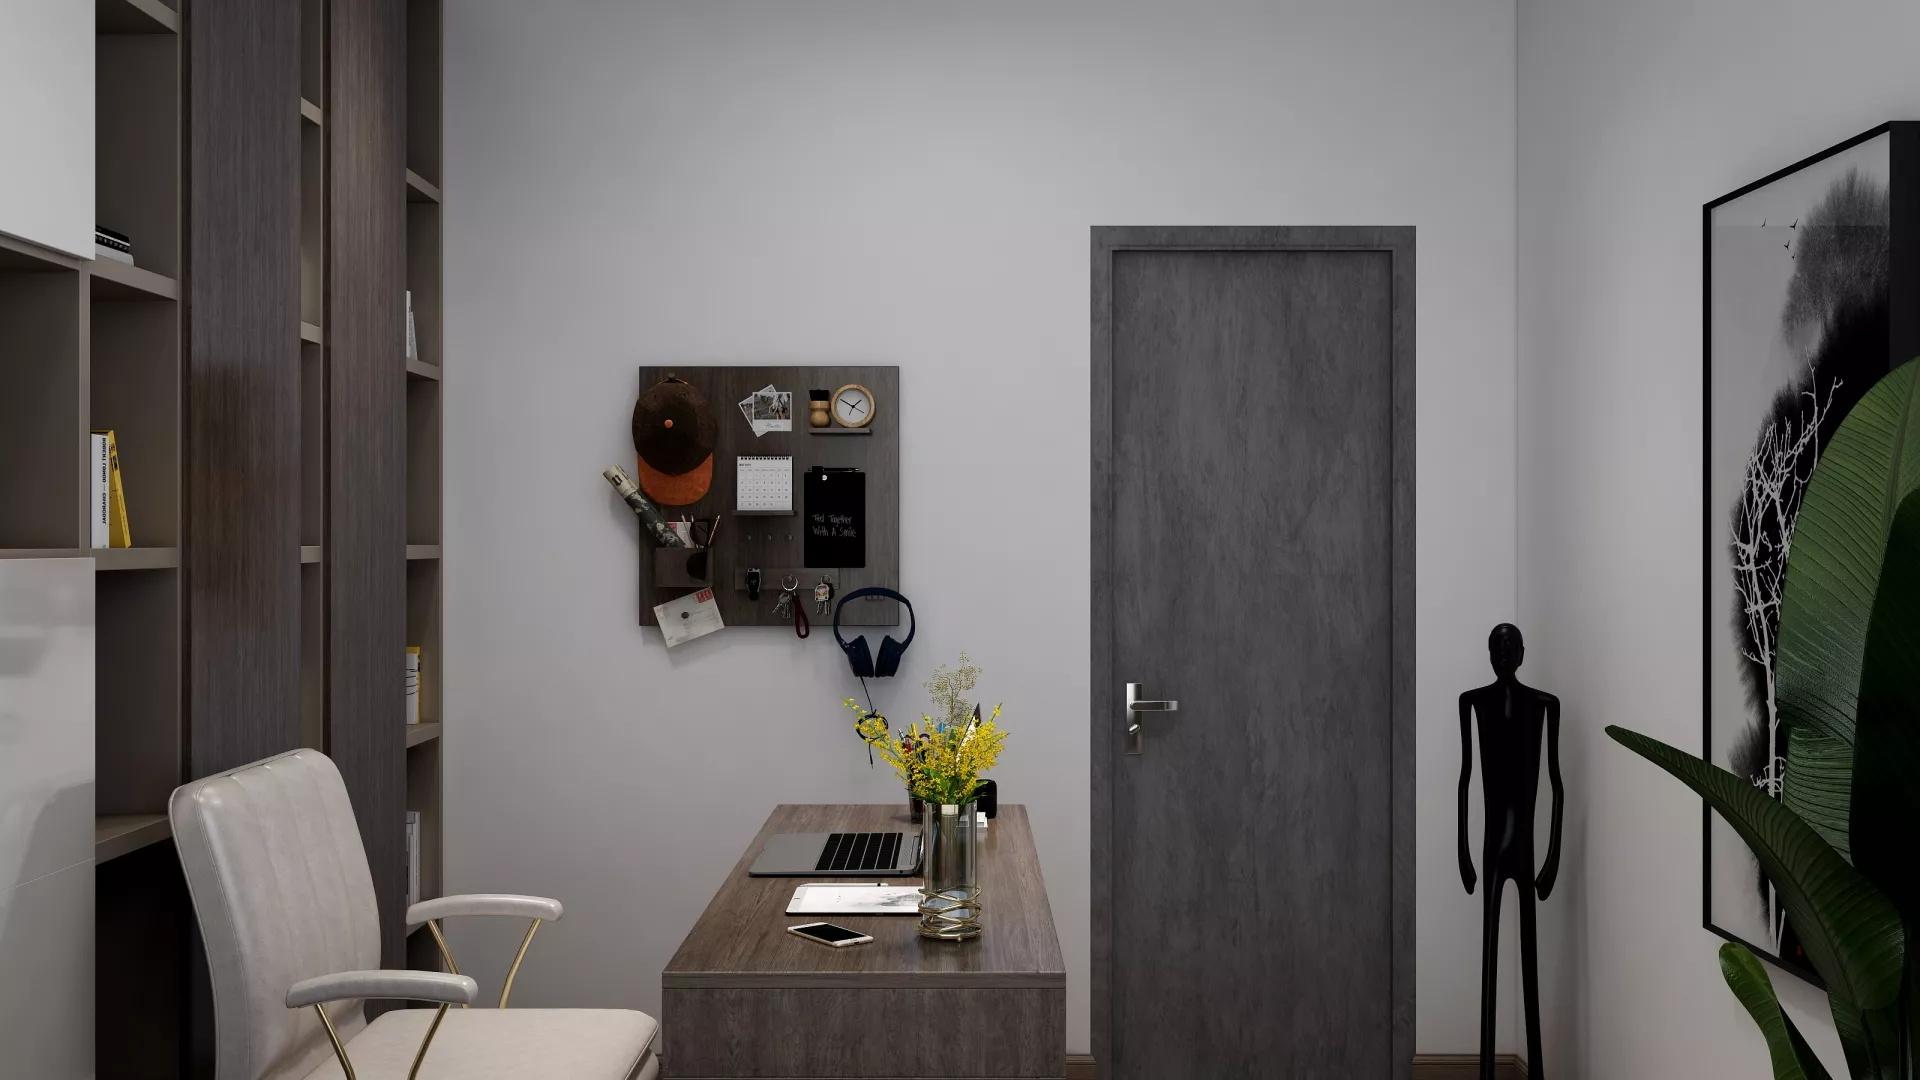 客厅装饰画挂什么好 客厅装饰画效果图